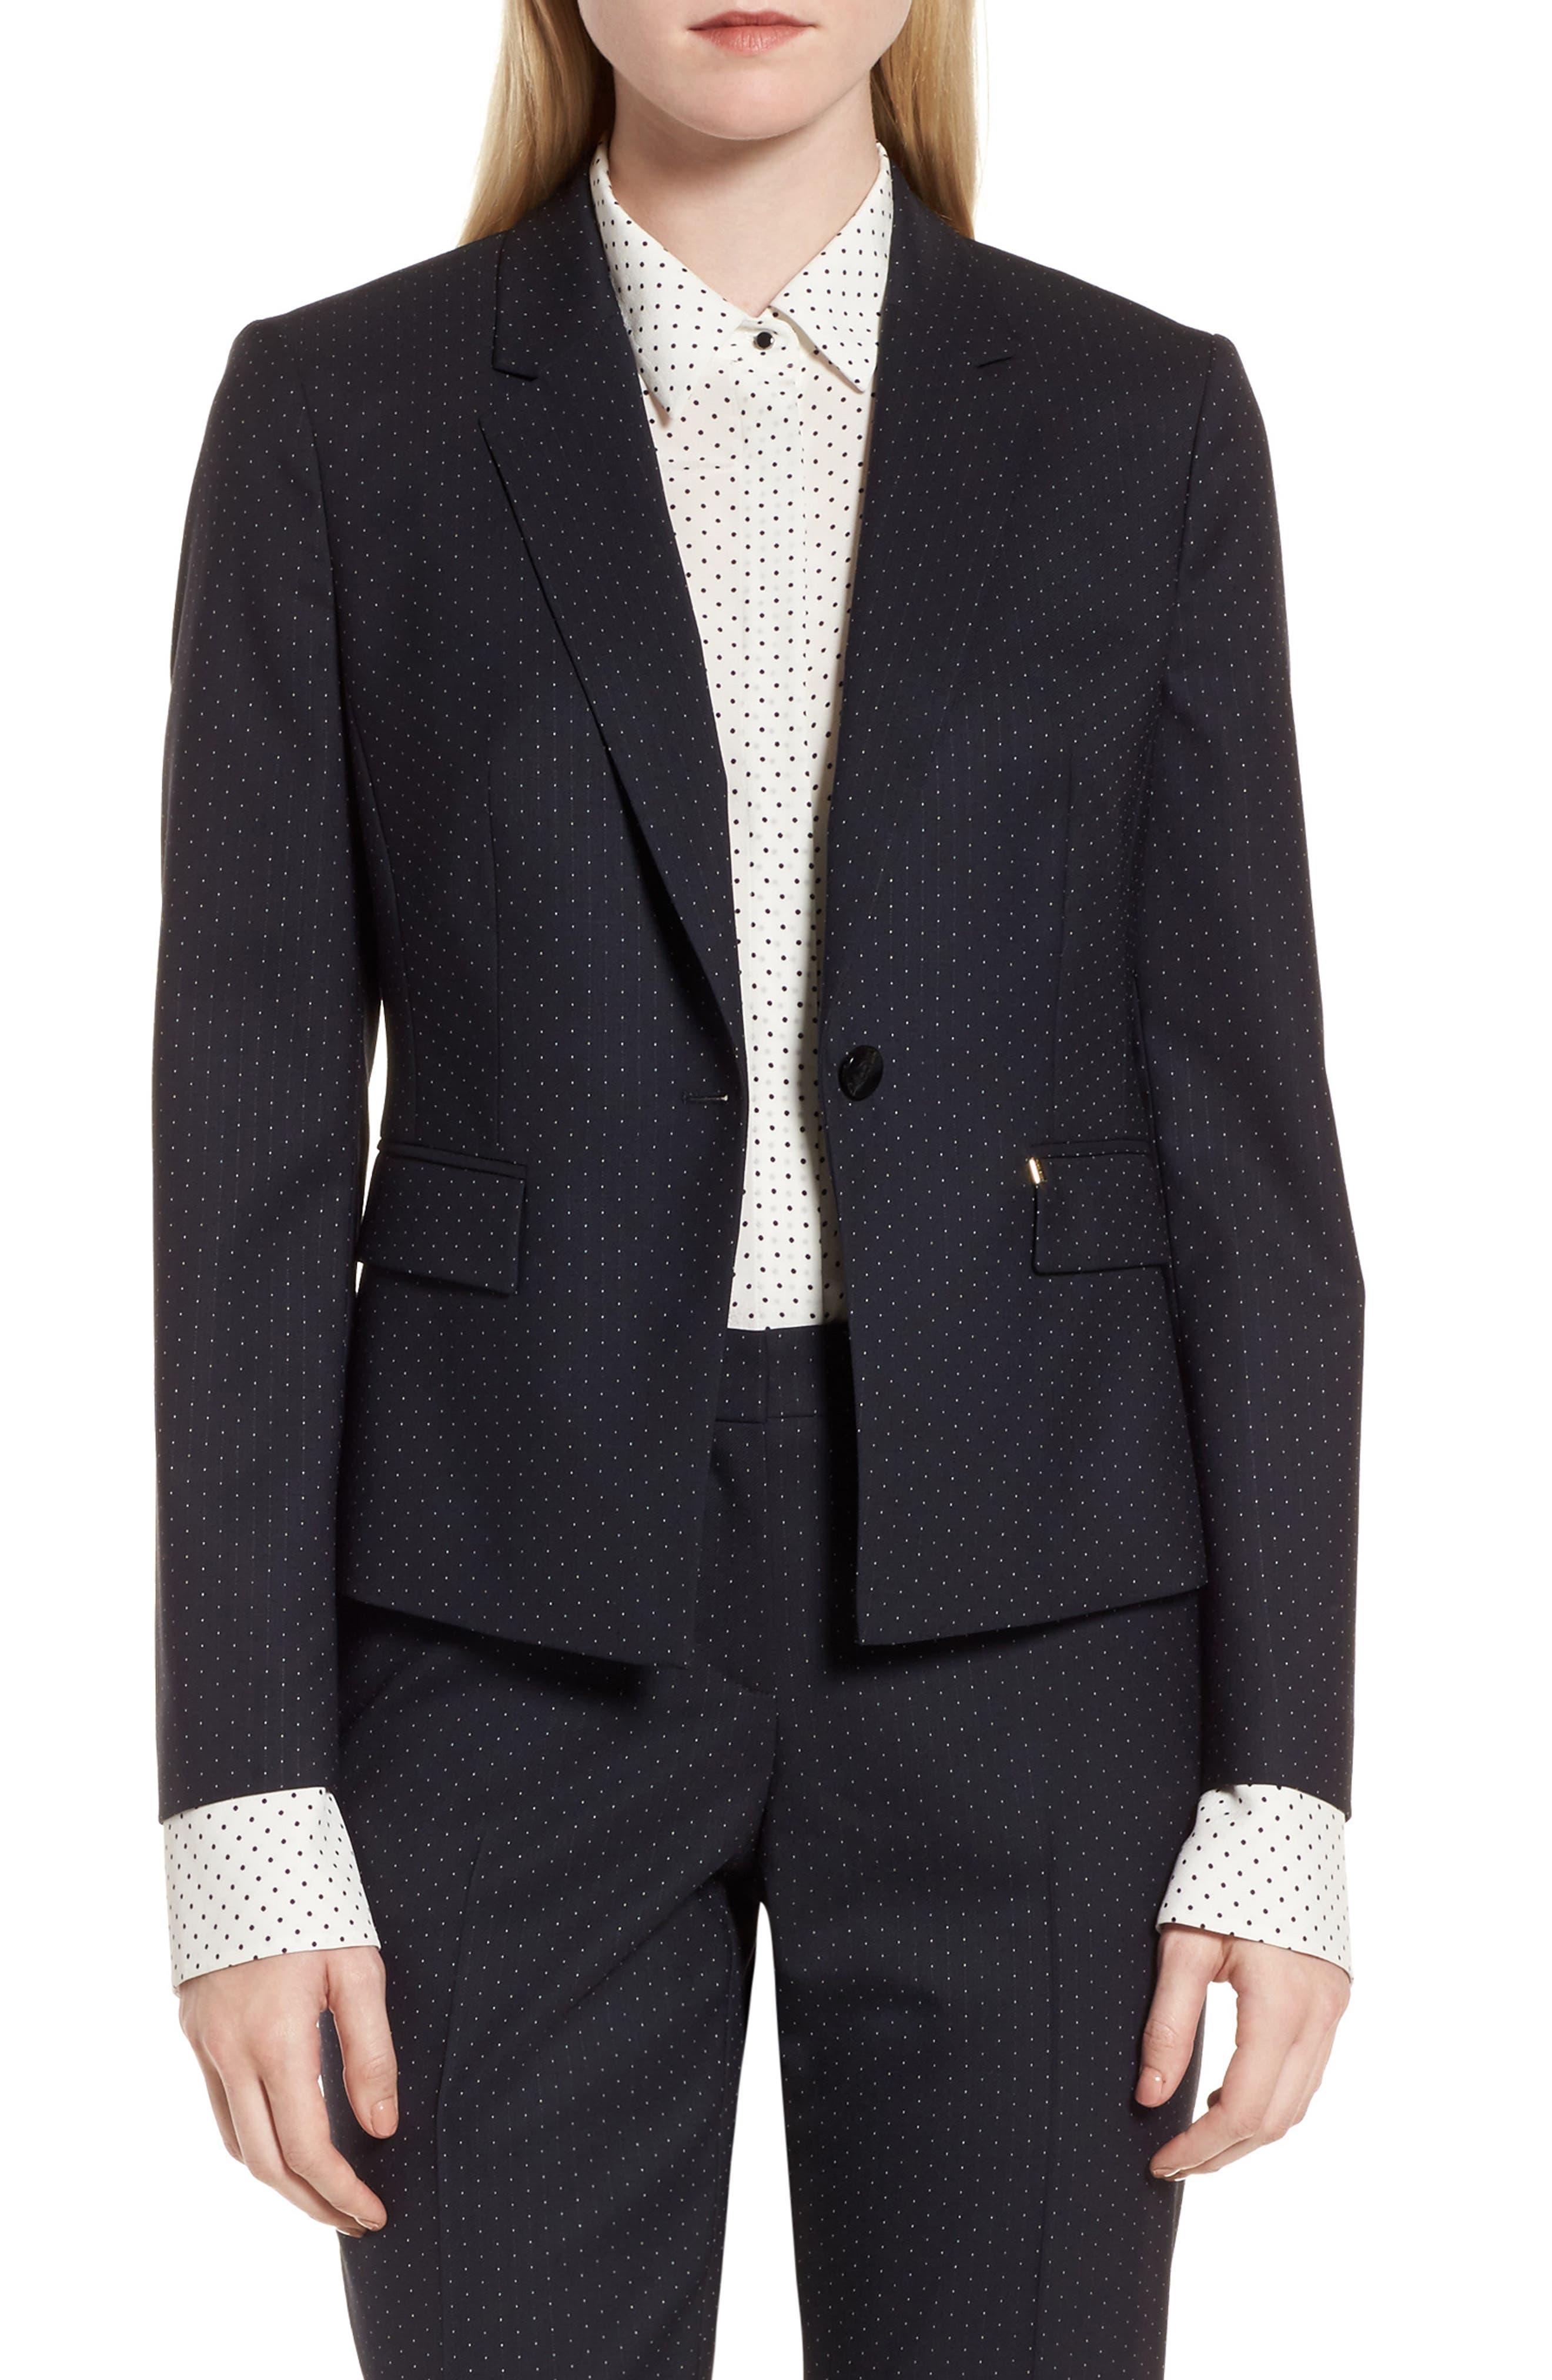 Main Image - BOSS Jinalika Wool Suit Jacket